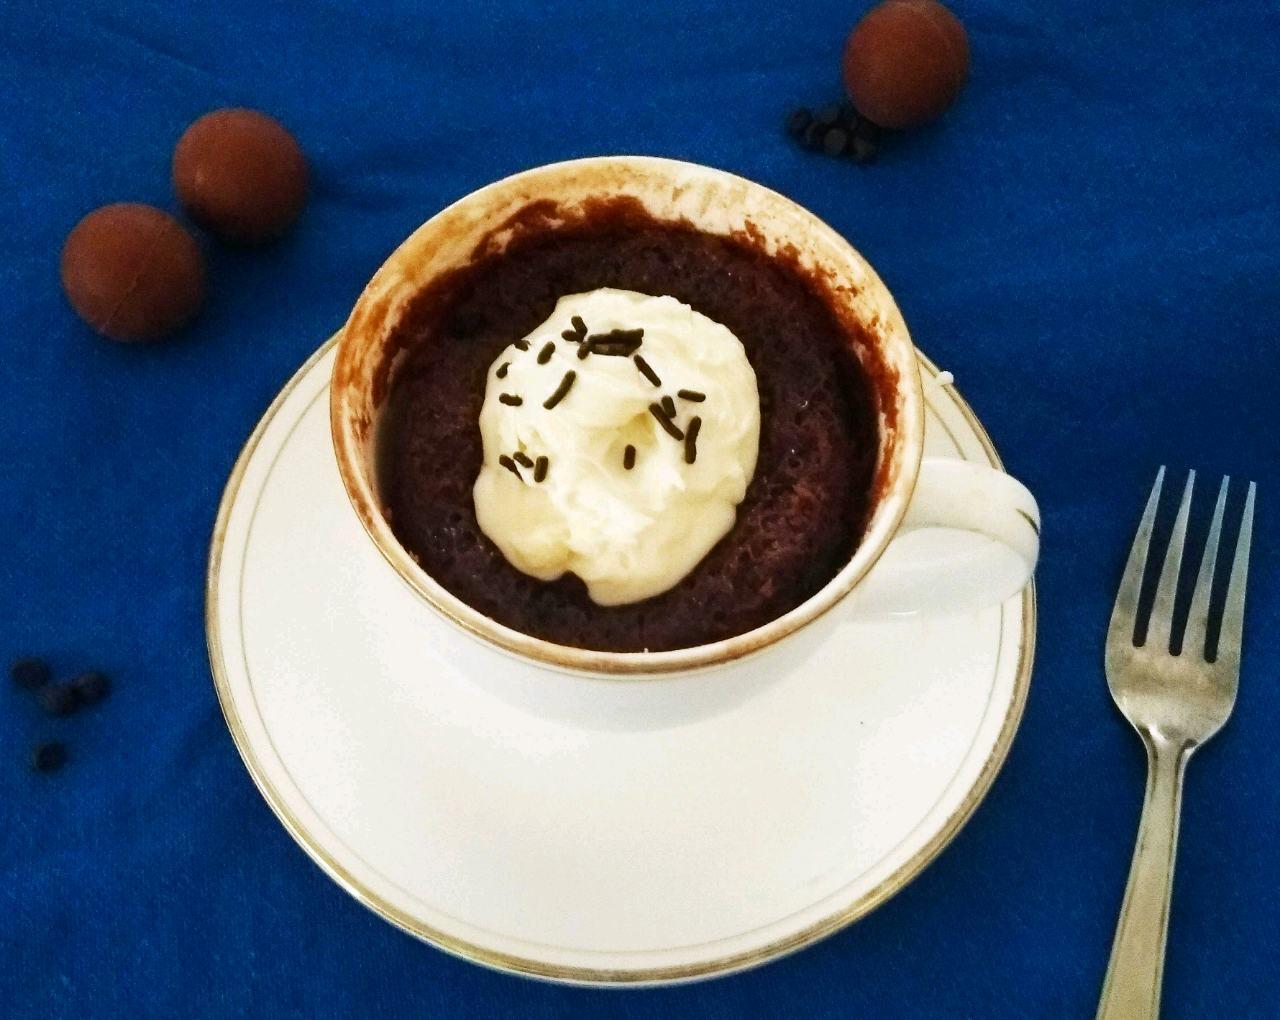 3 Ingredient Mug Chocolate Cake